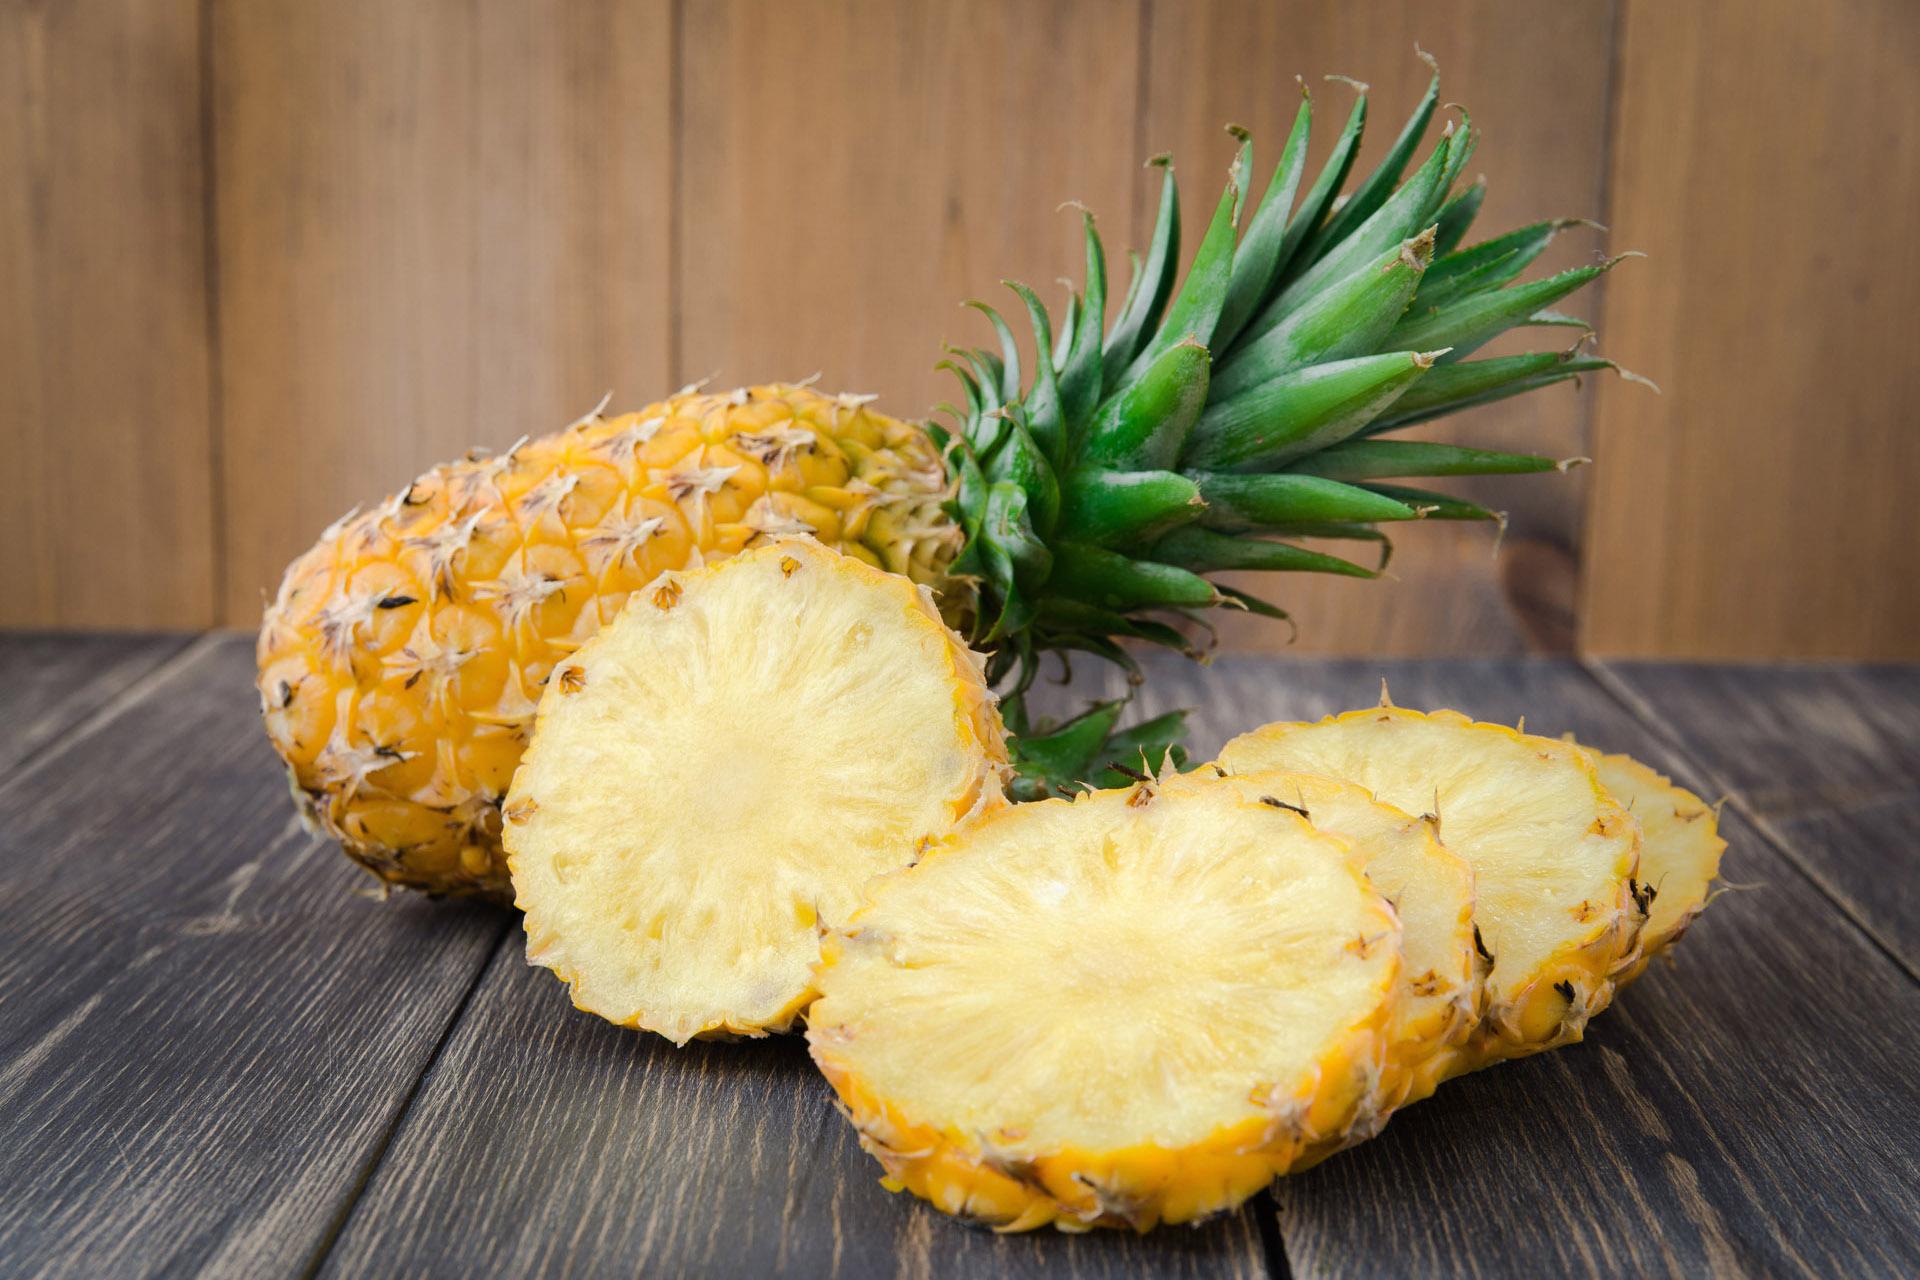 Диетолог Петре рассказала о полезных свойствах ананаса для организма человека